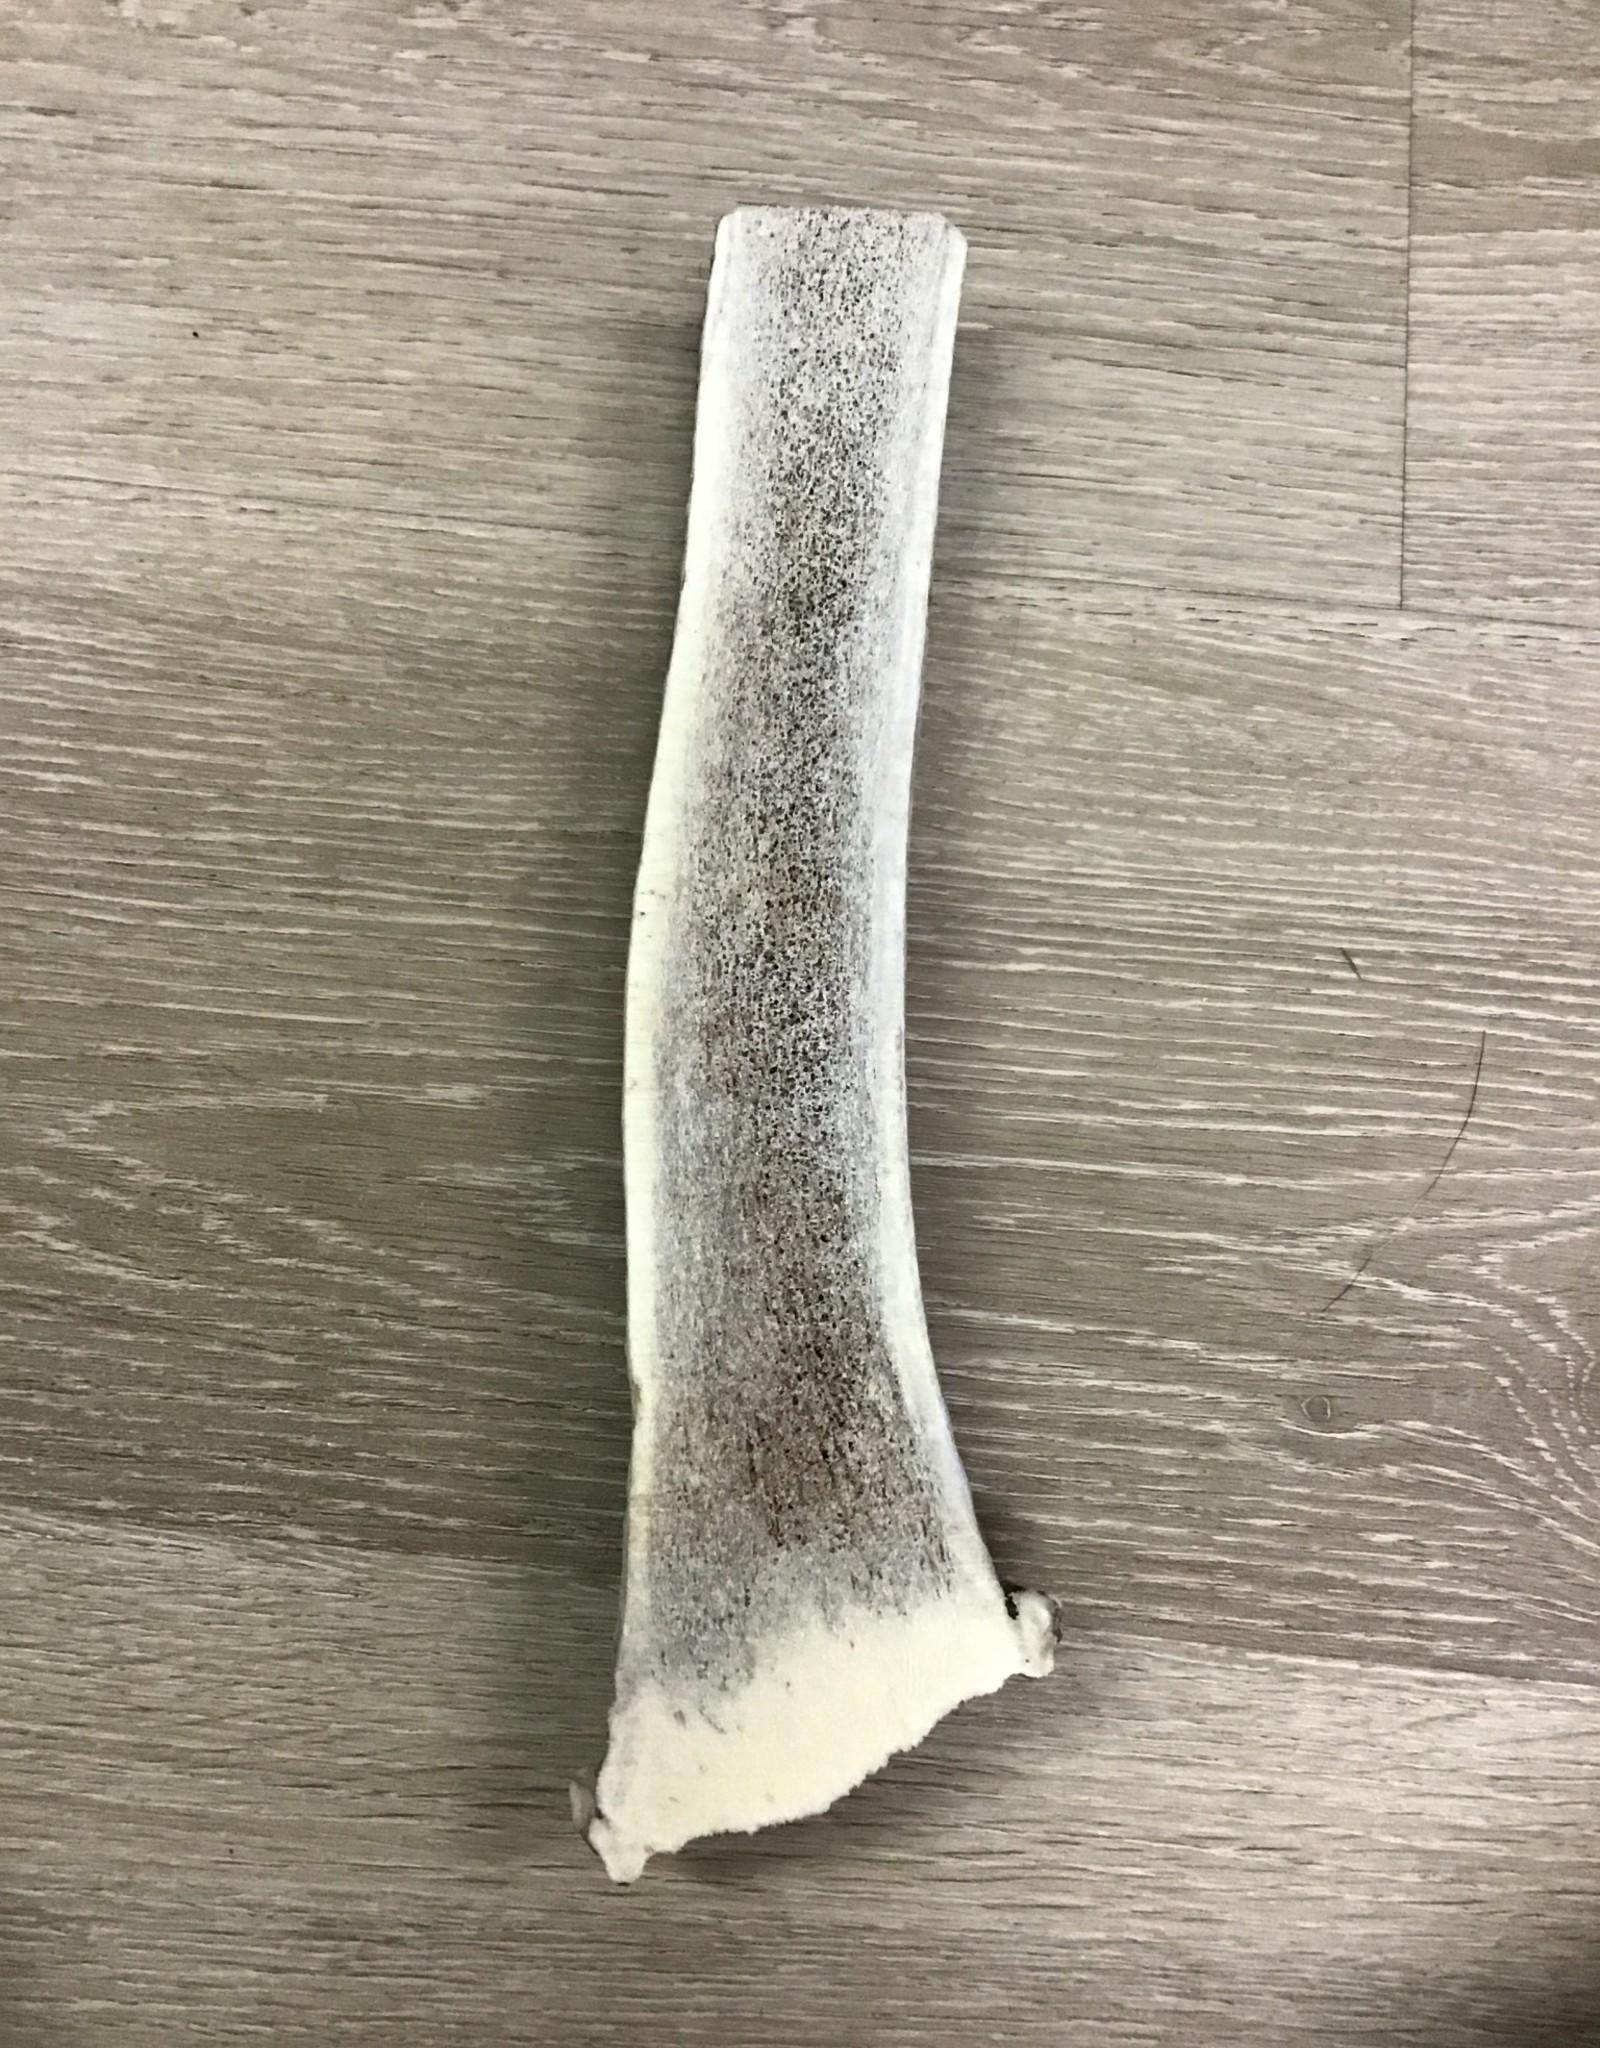 ELK USA ELK USA Antlers / Bones - Large Sliced Antler